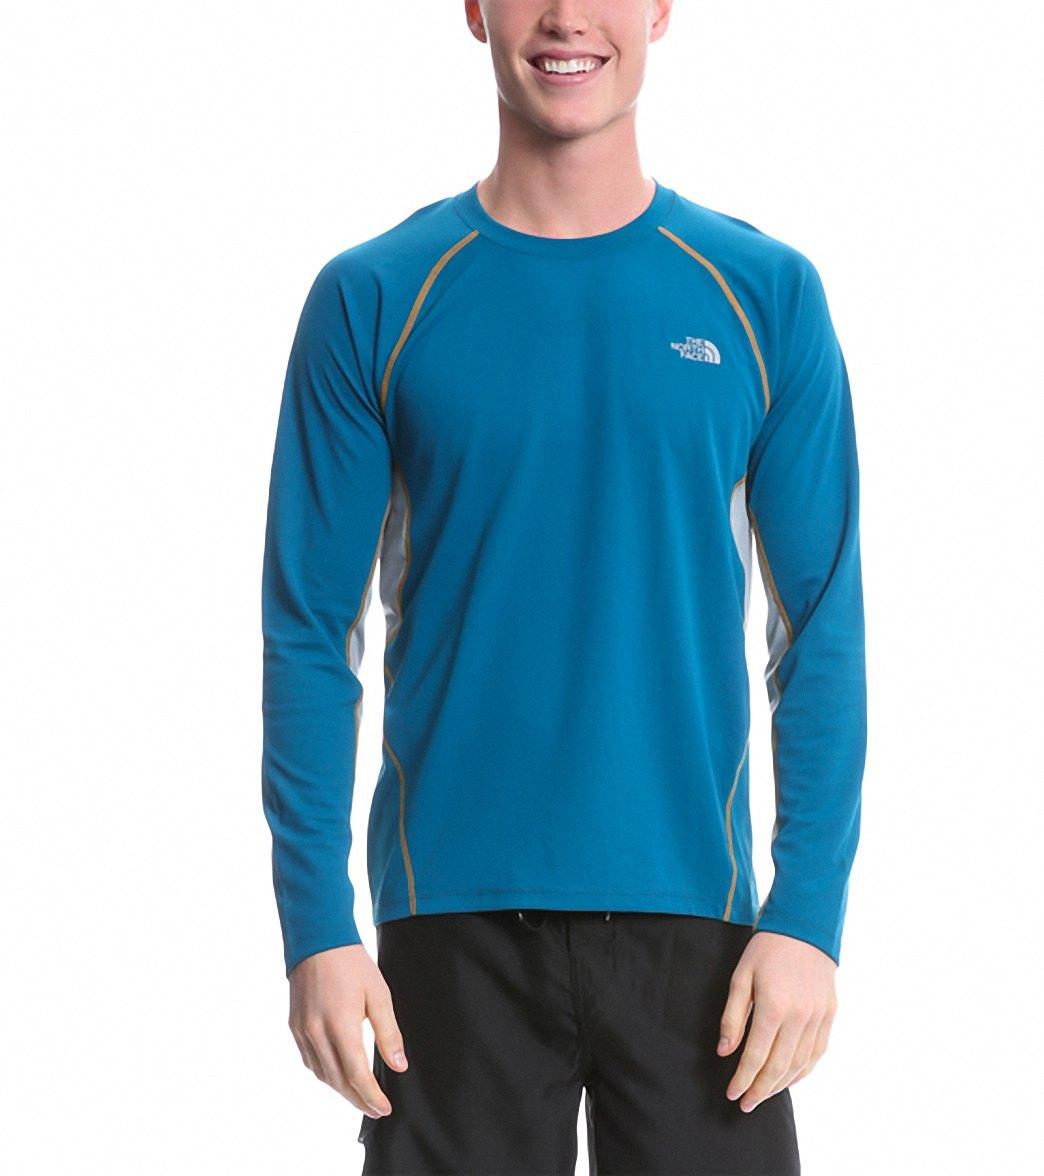 4229258c74e The North Face Men s Run GTD L S Tee at SwimOutlet.com